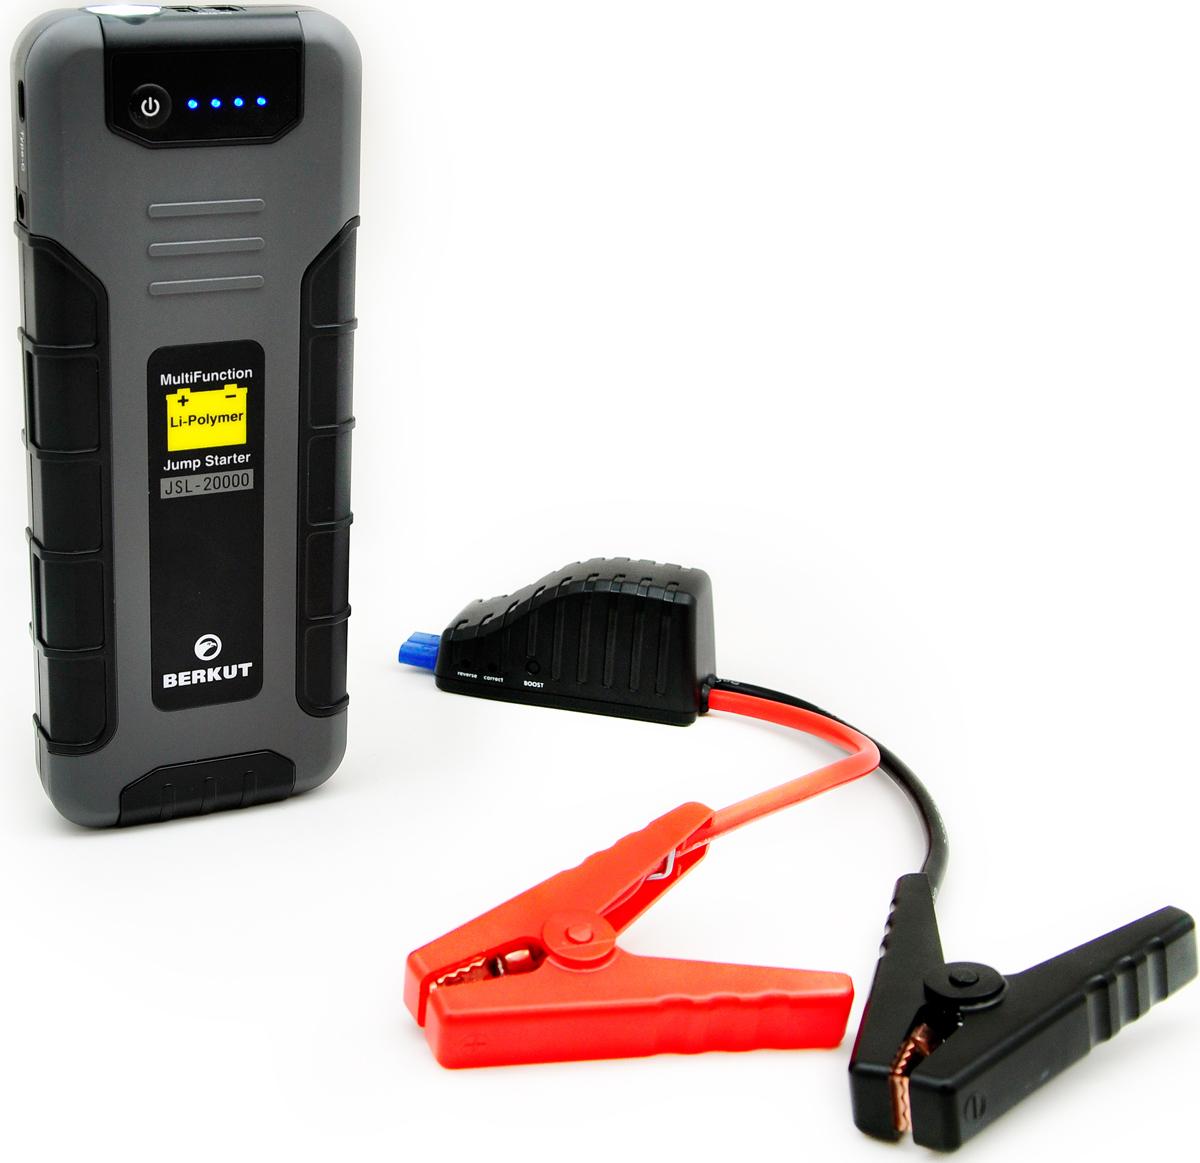 Пуско-зарядное устройство Berkut JSL-20000 устройство пуско зарядное нпп оборонприбор pw 265